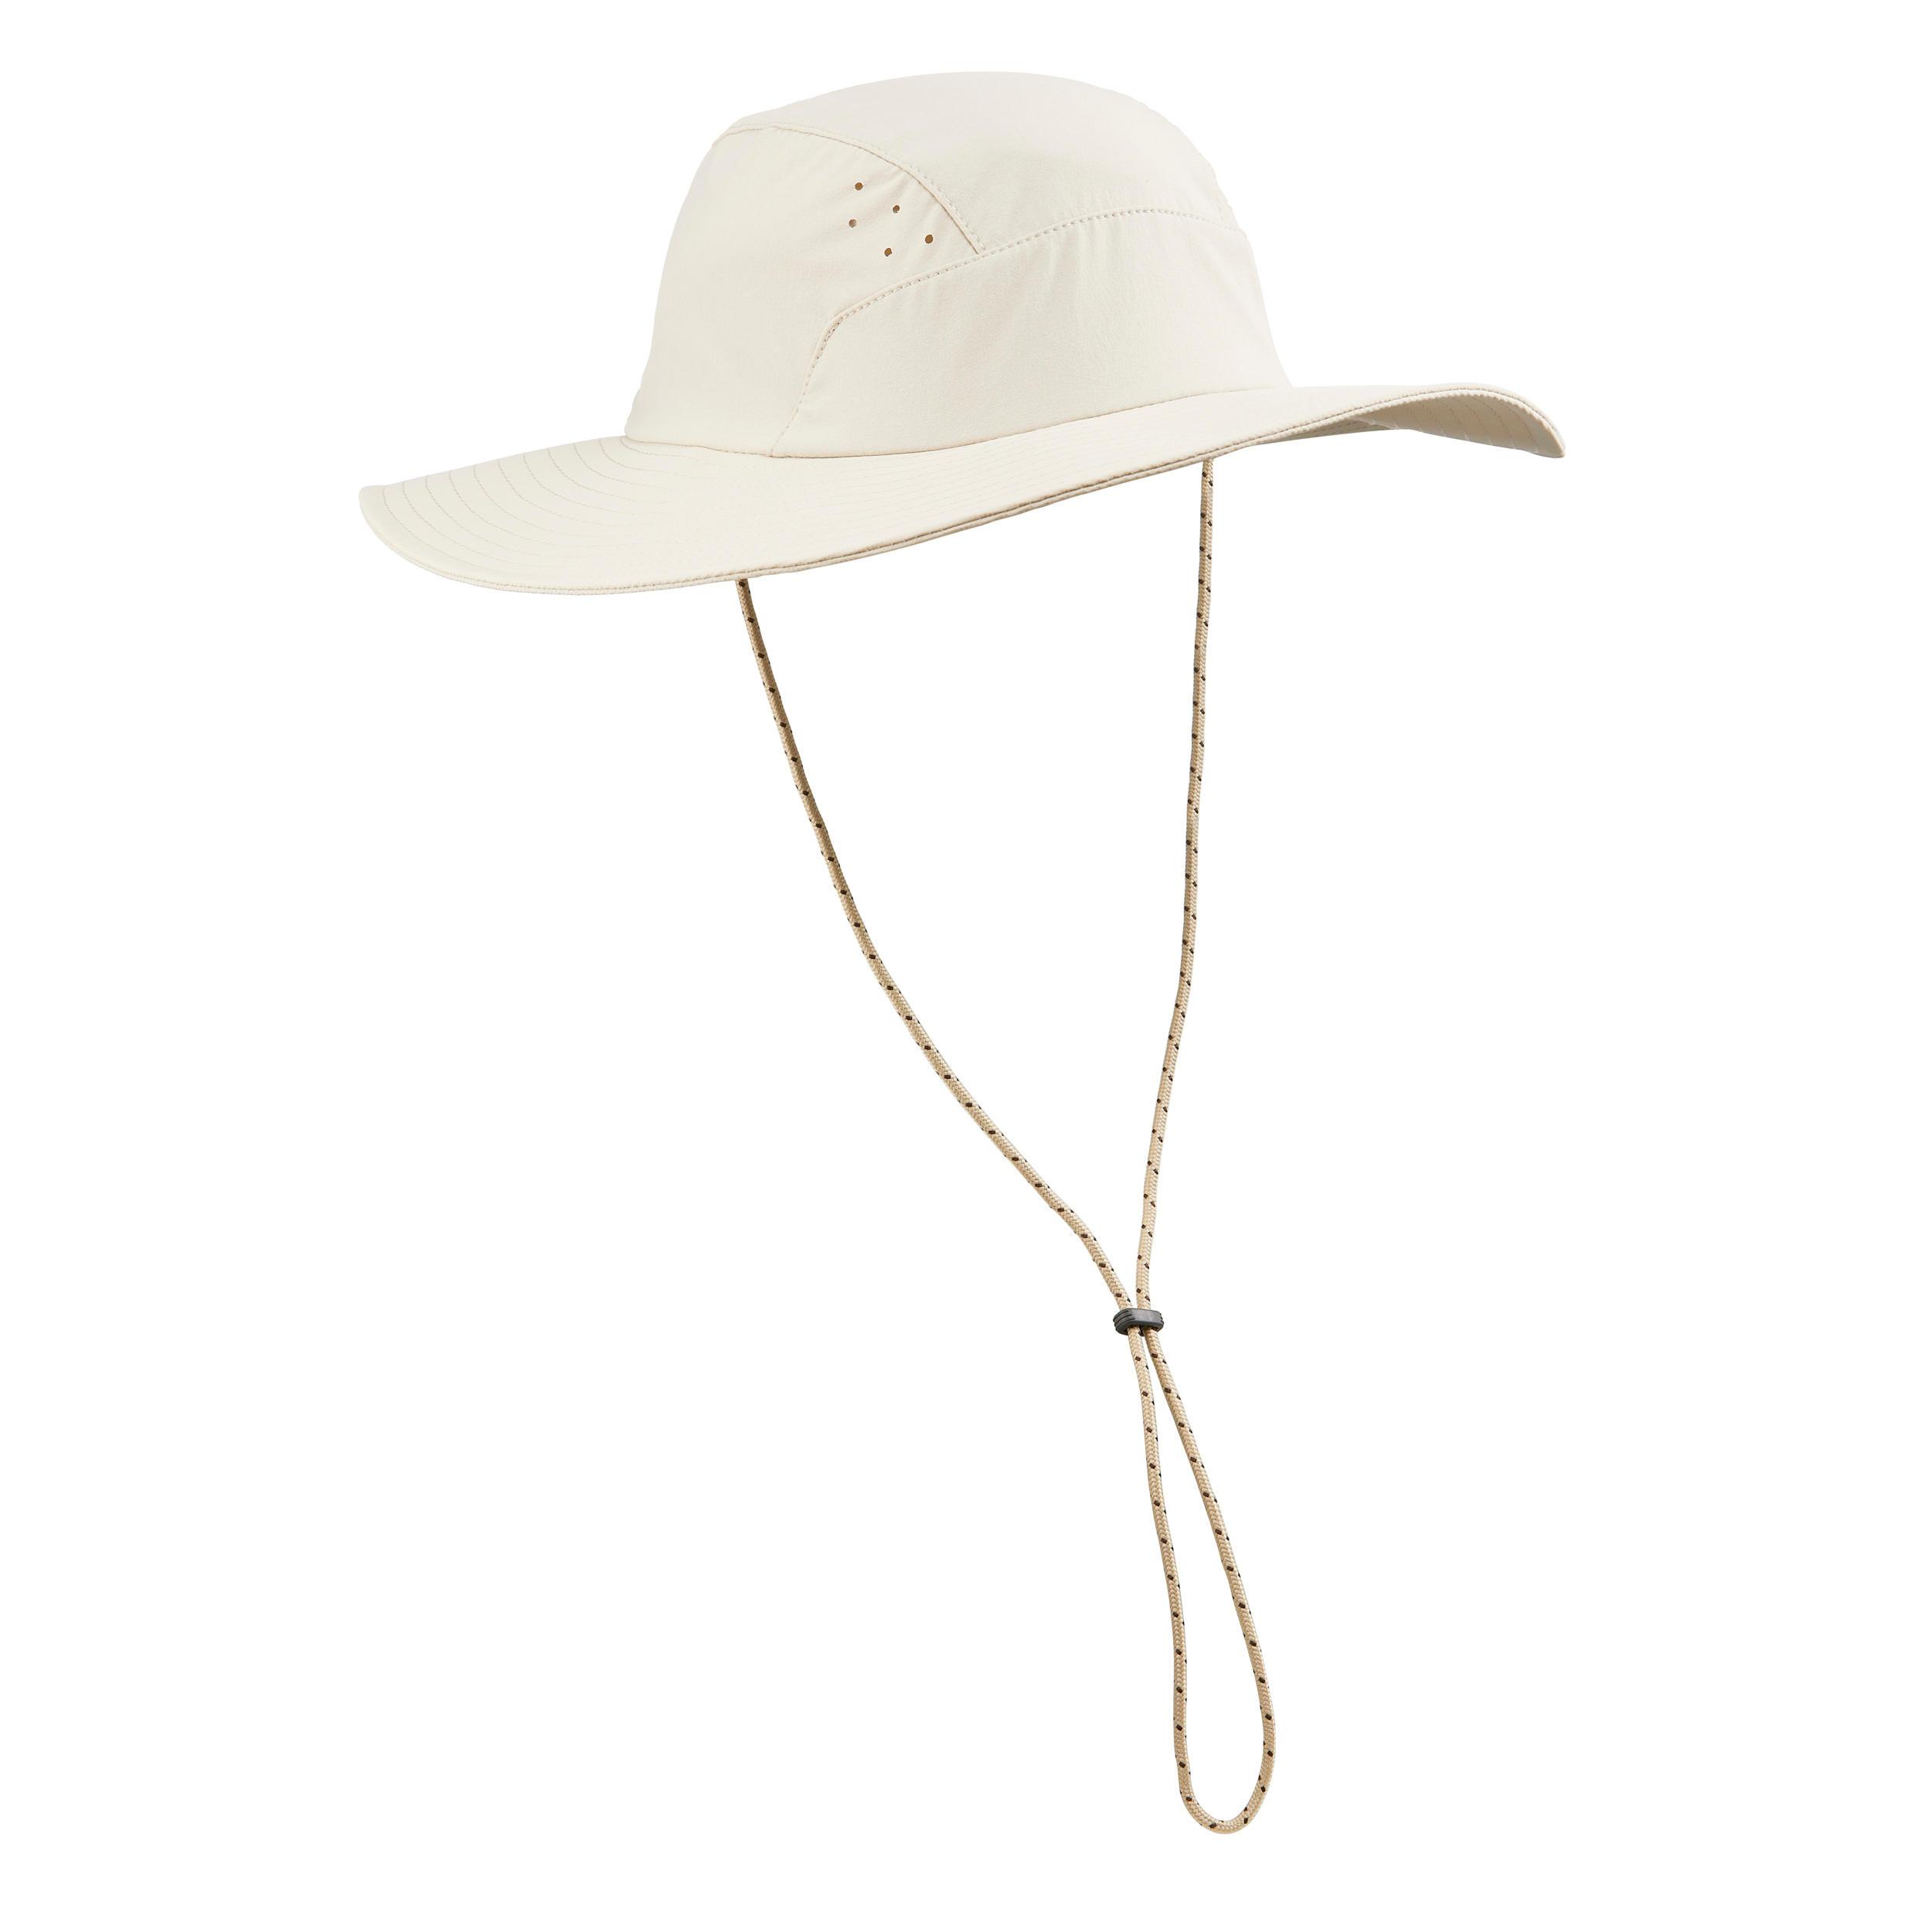 Pălărie TREK 500 imagine